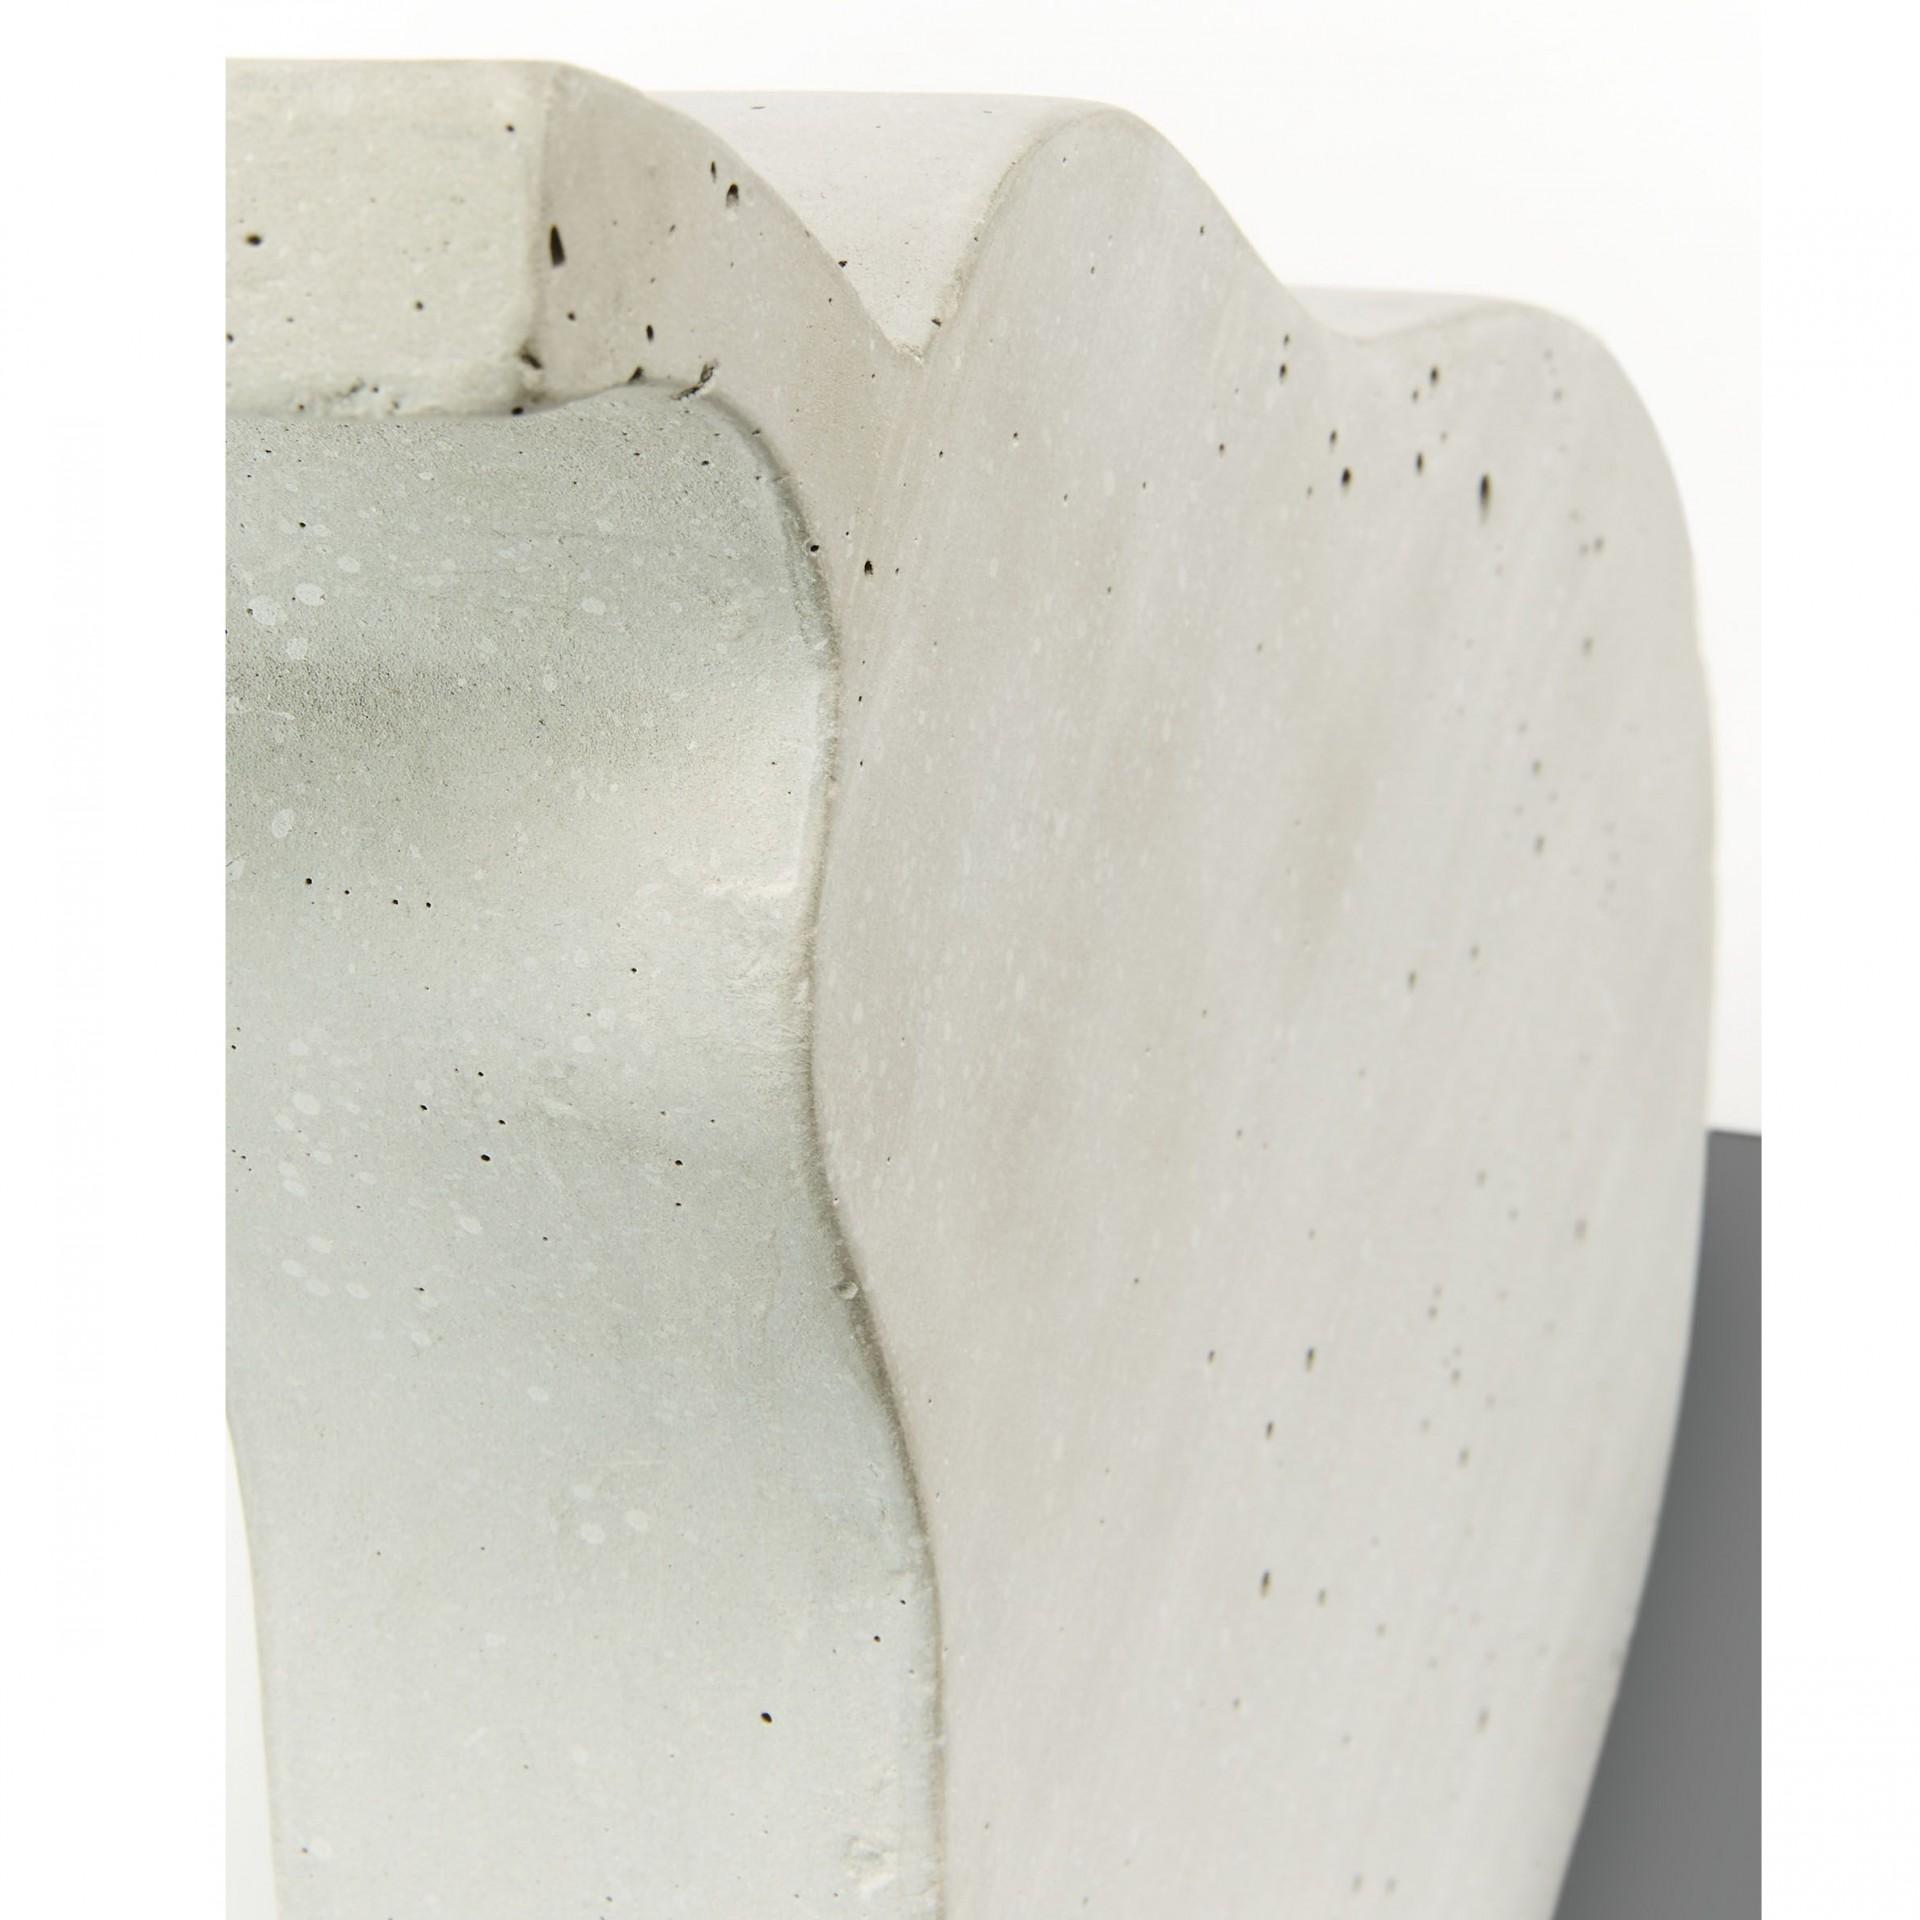 Pera decorativa, concreto, branco, 30x20